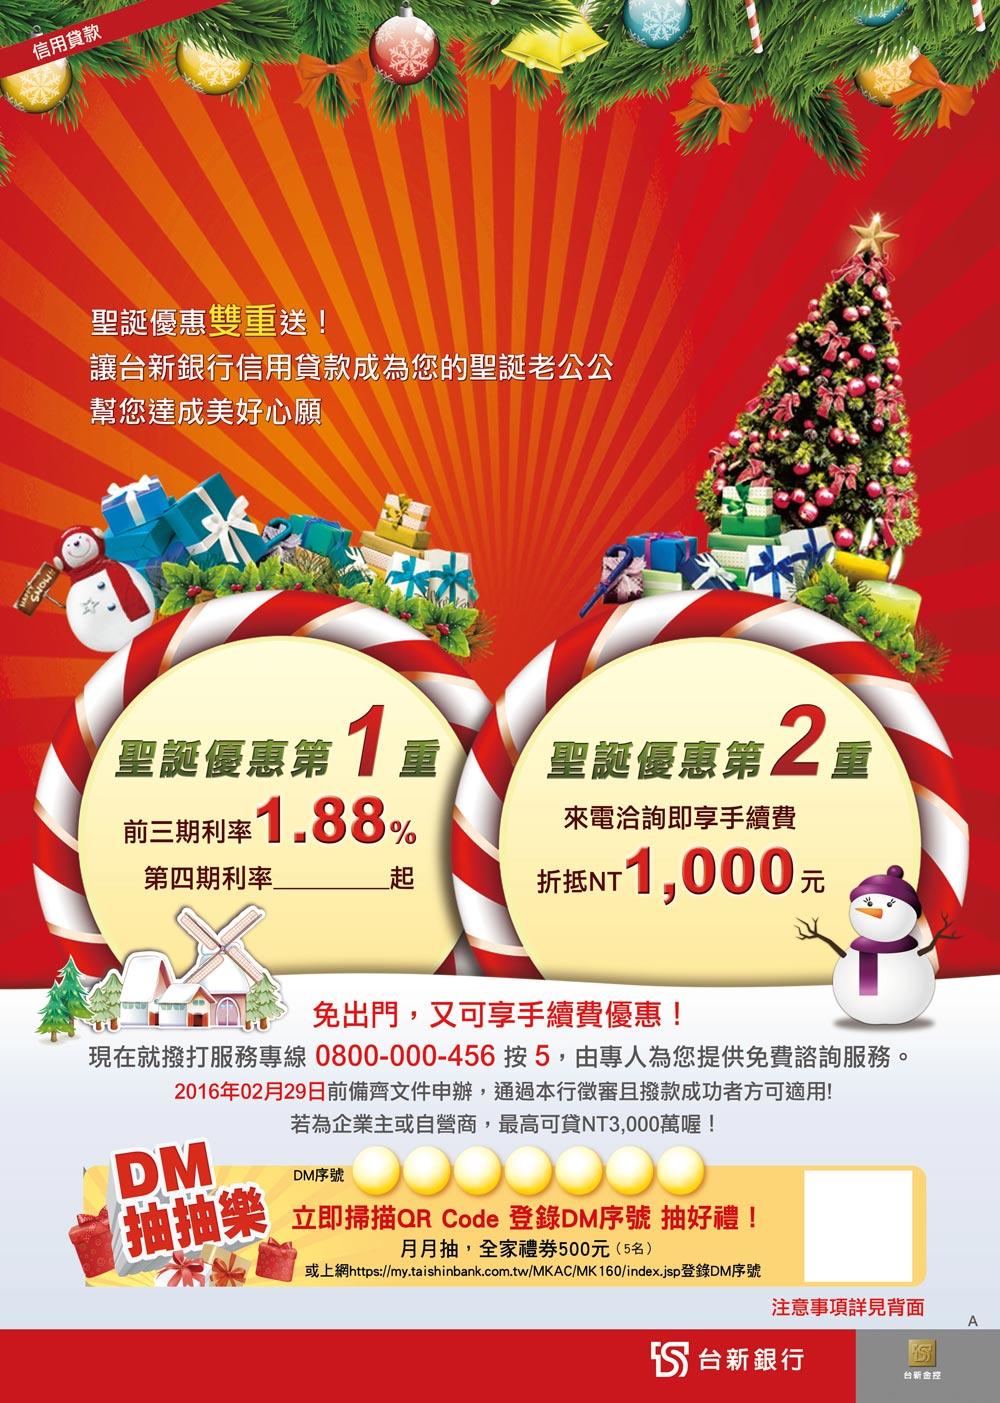 台新銀行-12月信貸